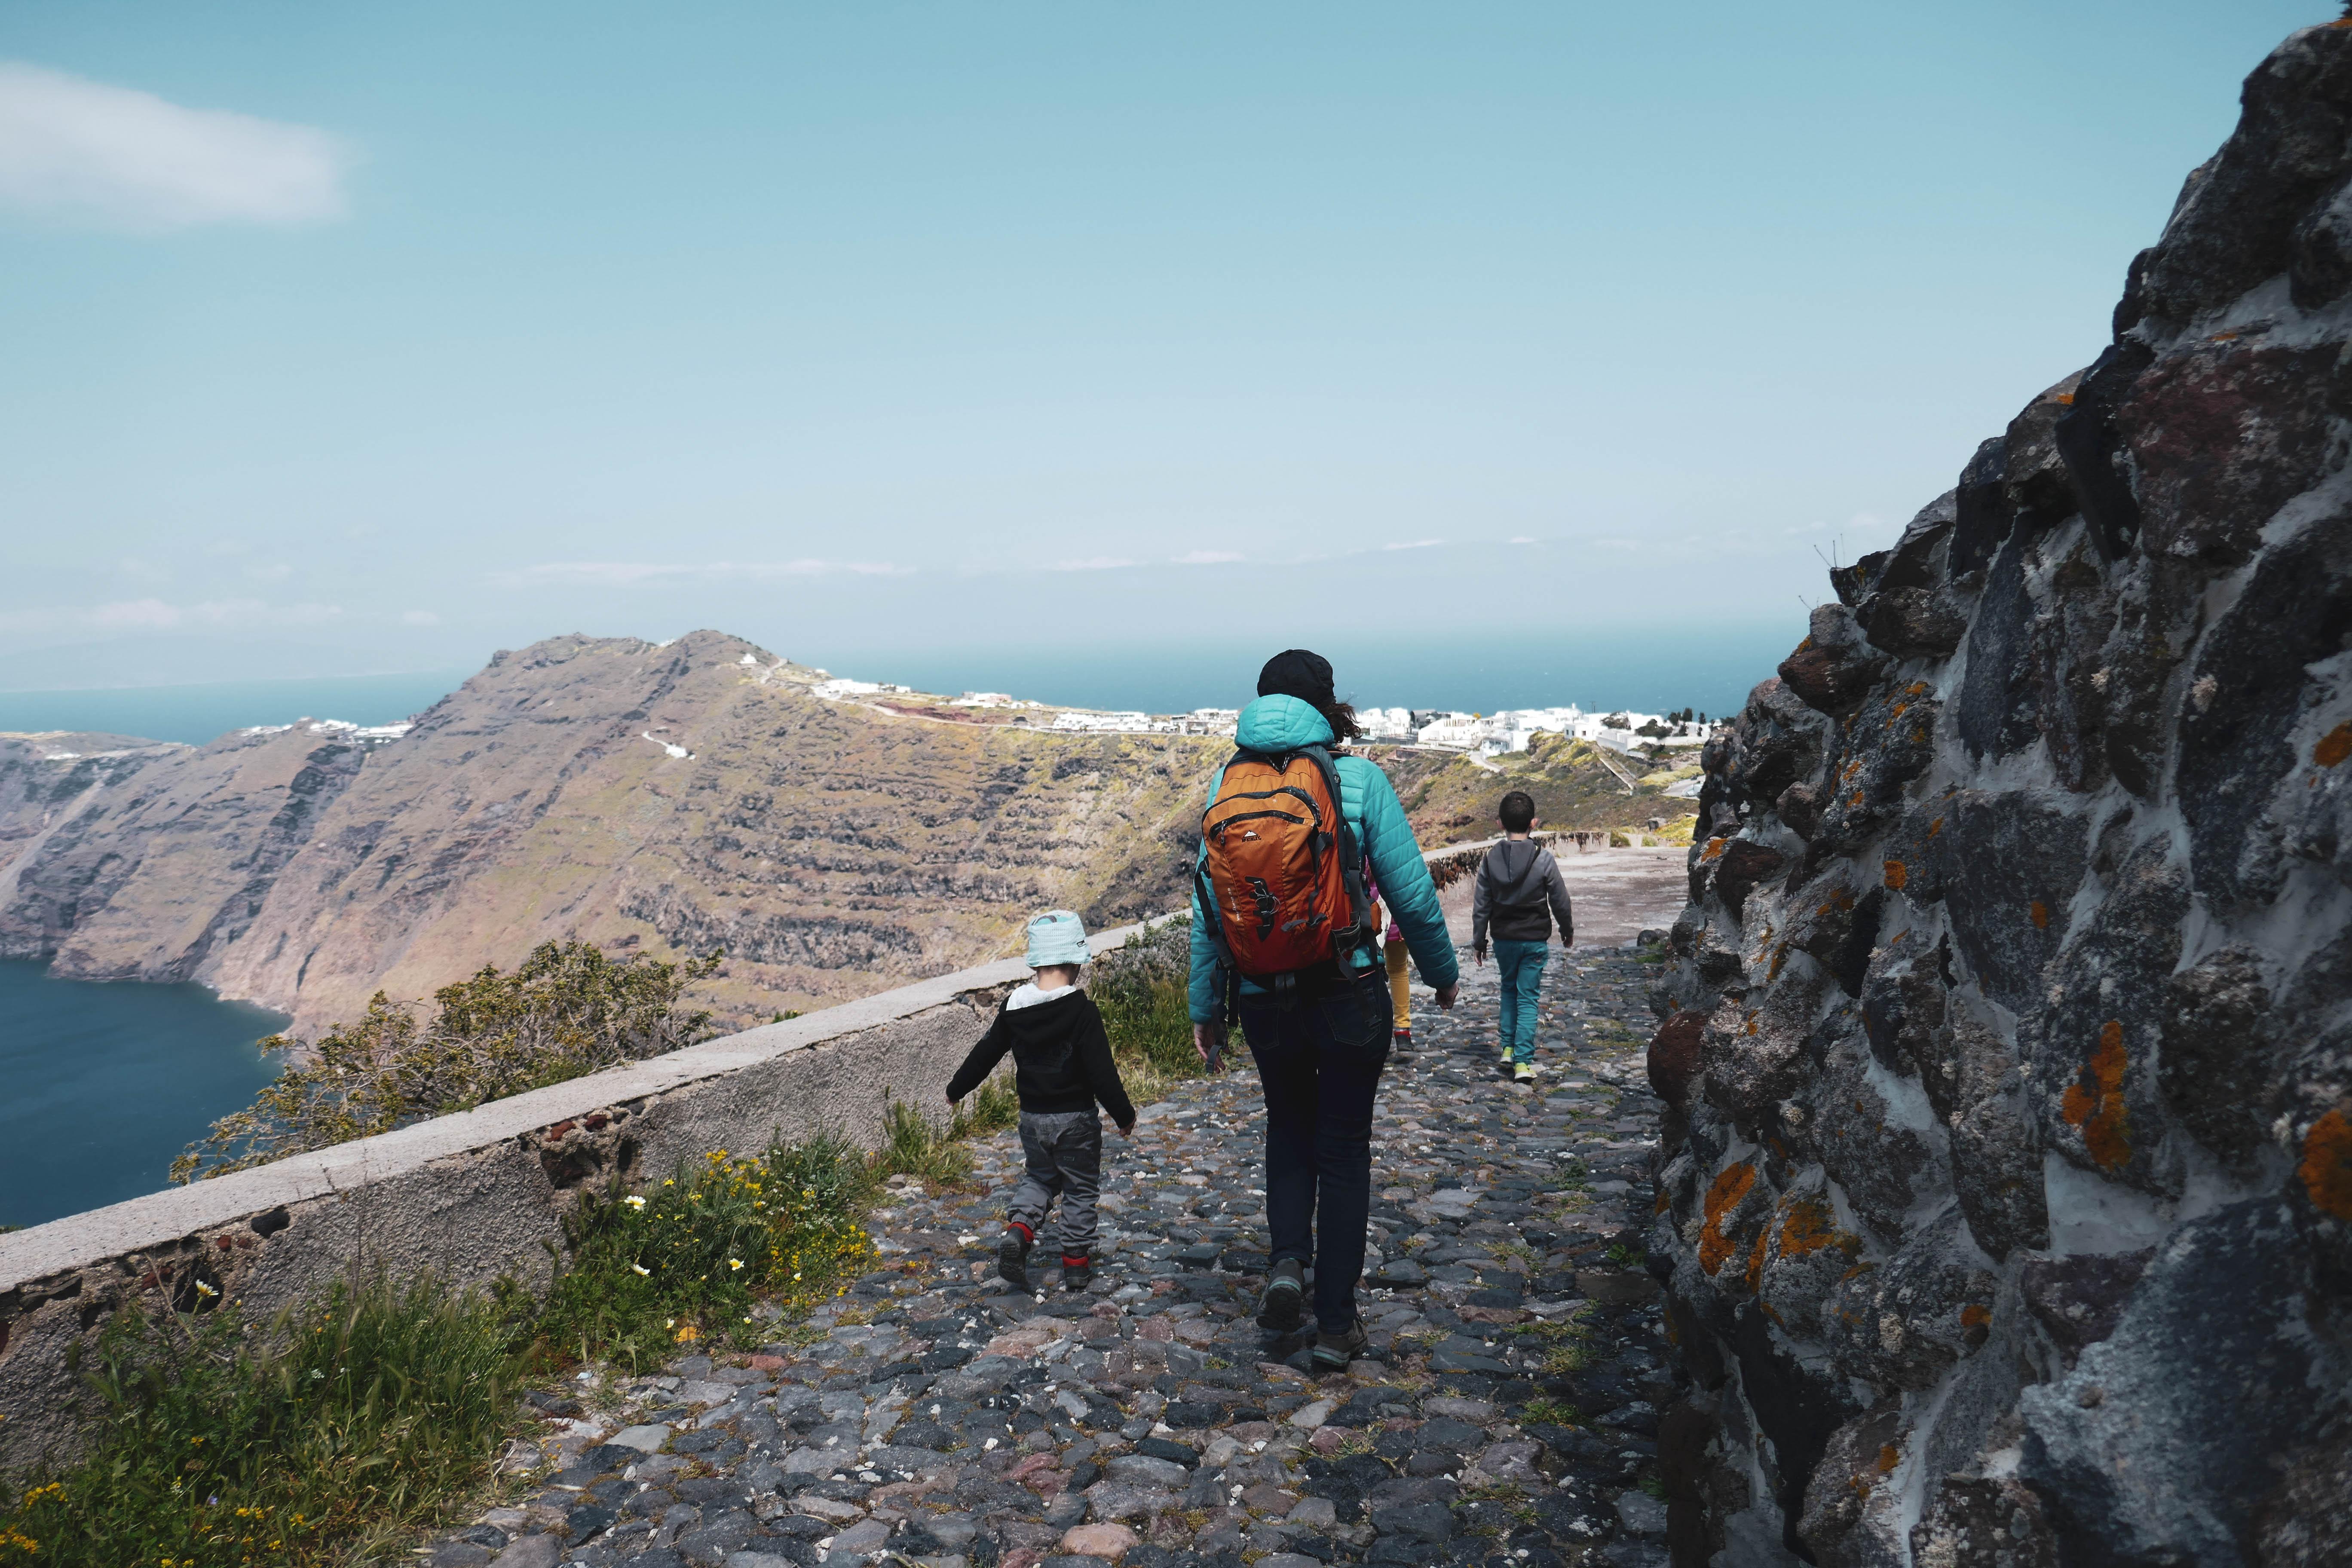 De Oia à Fira, archipel des Cyclades, île de Santorin.